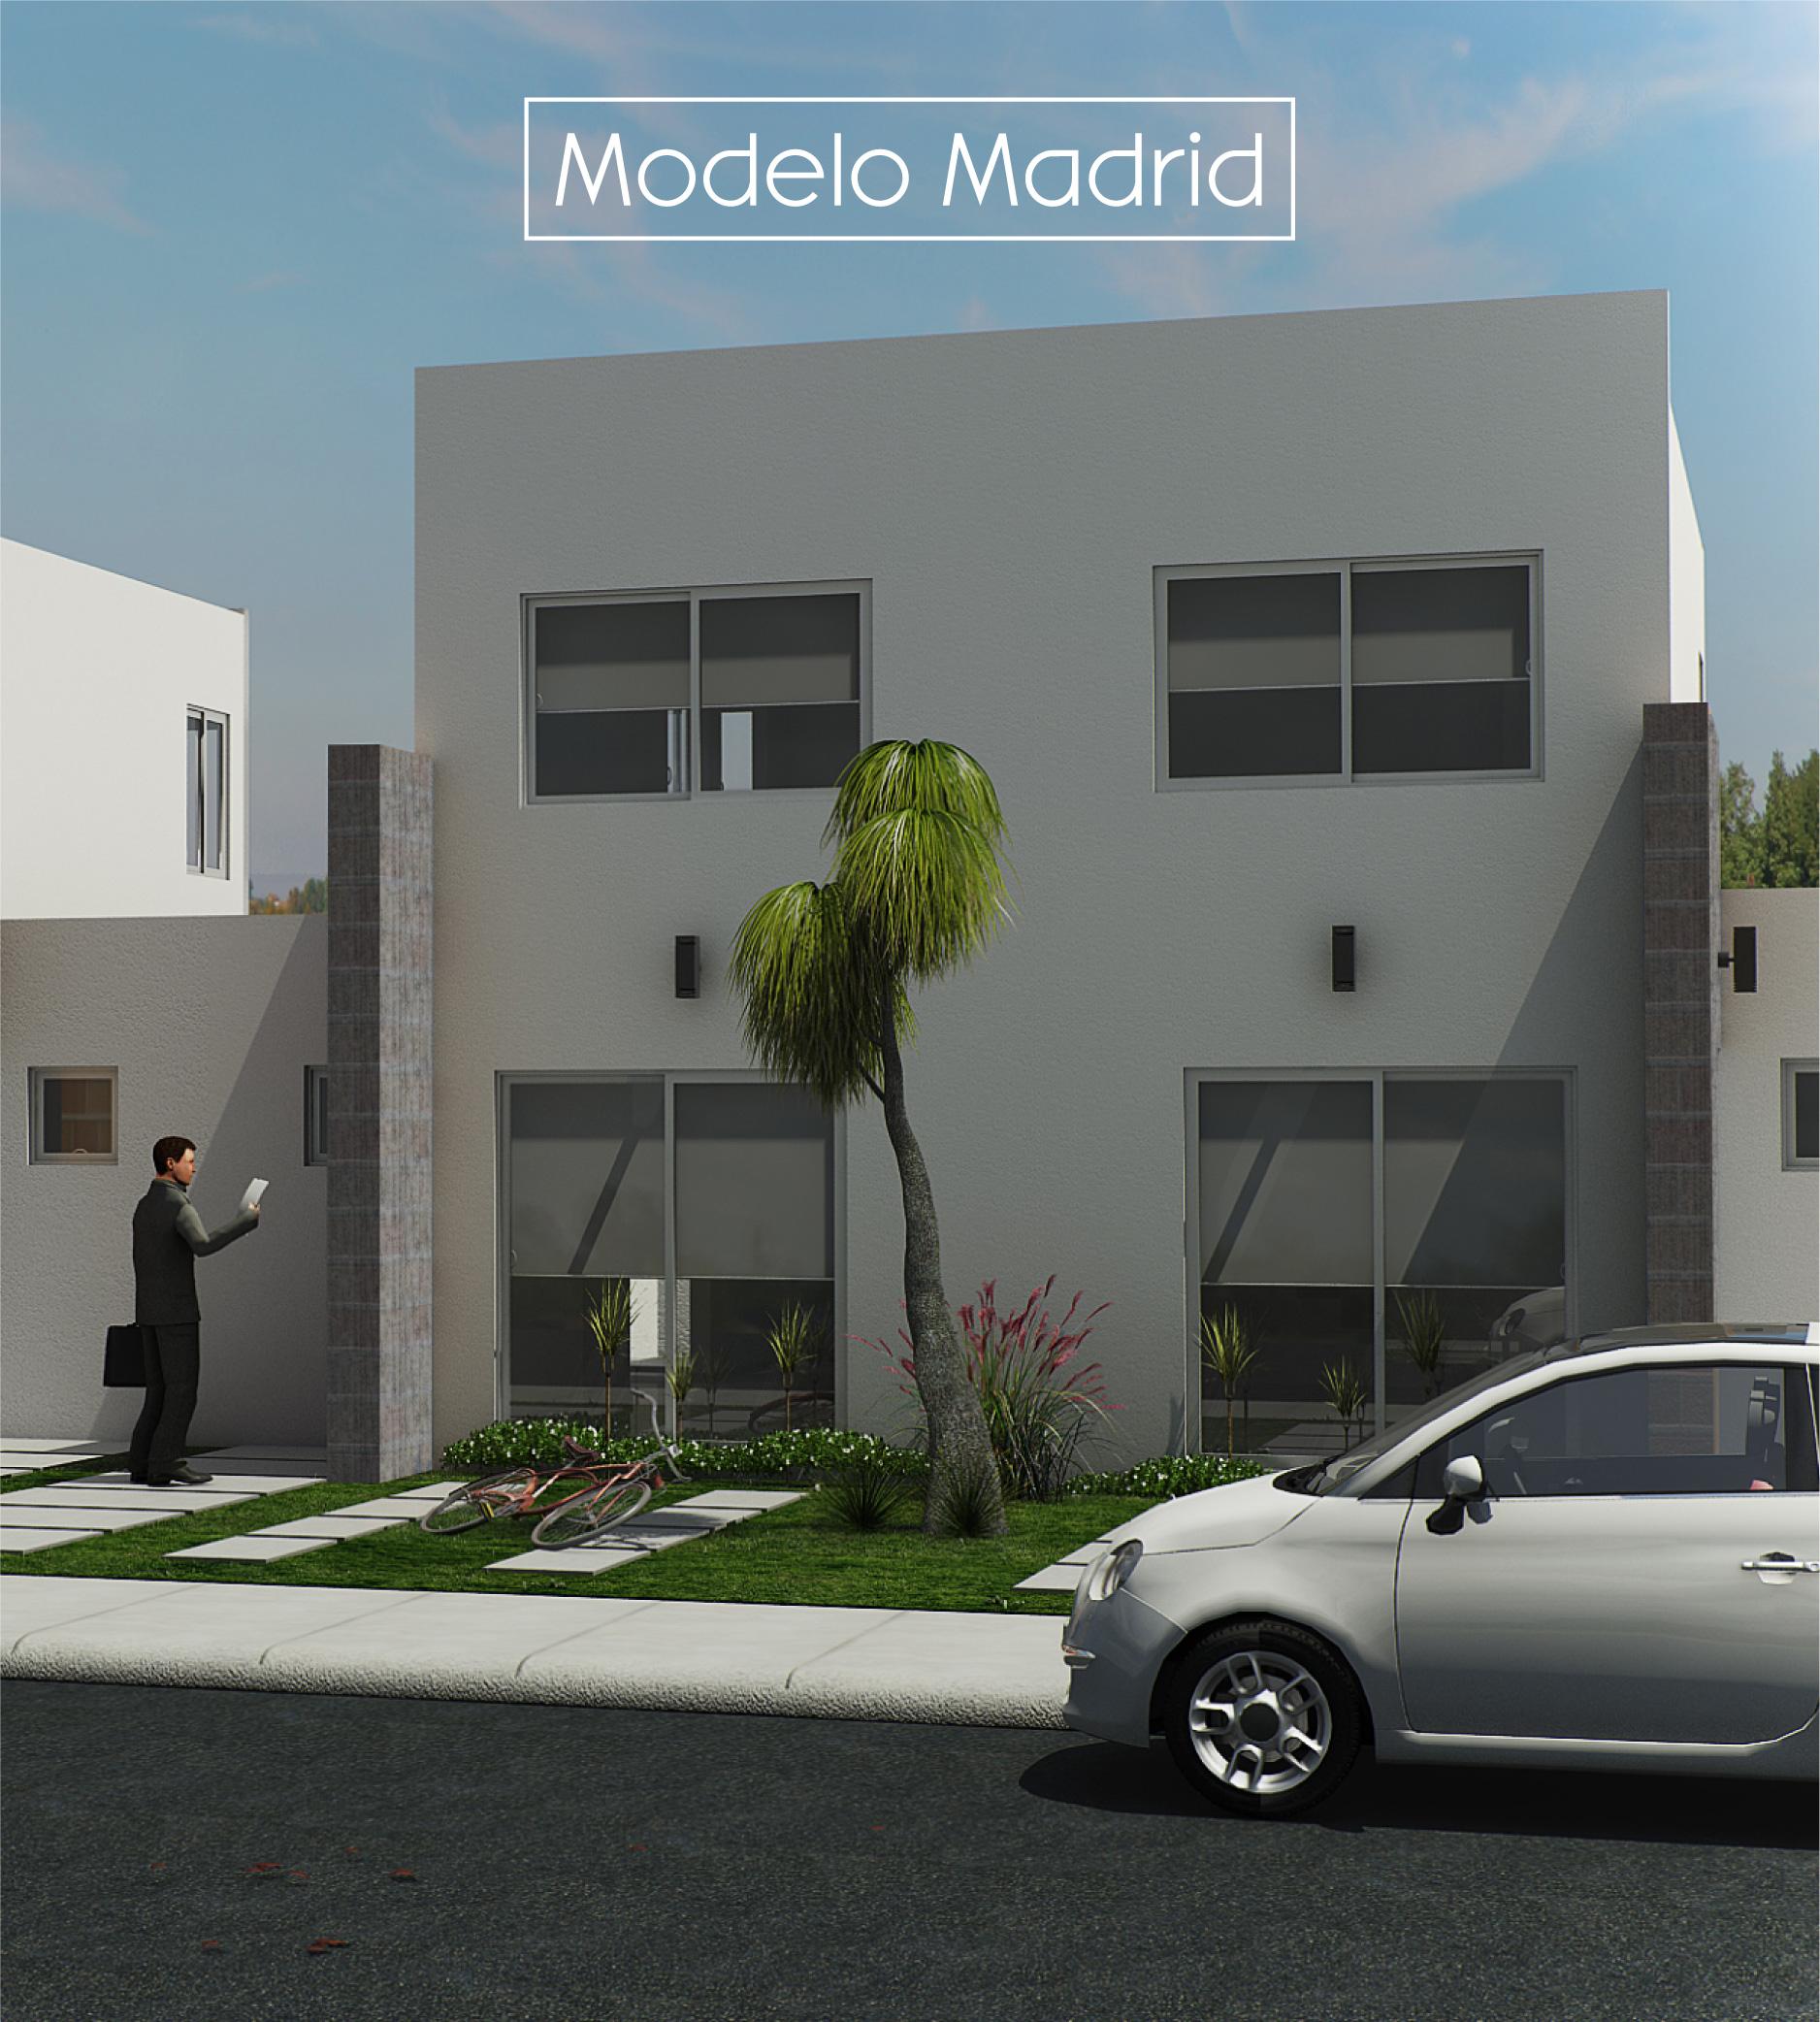 Modelo Madrid